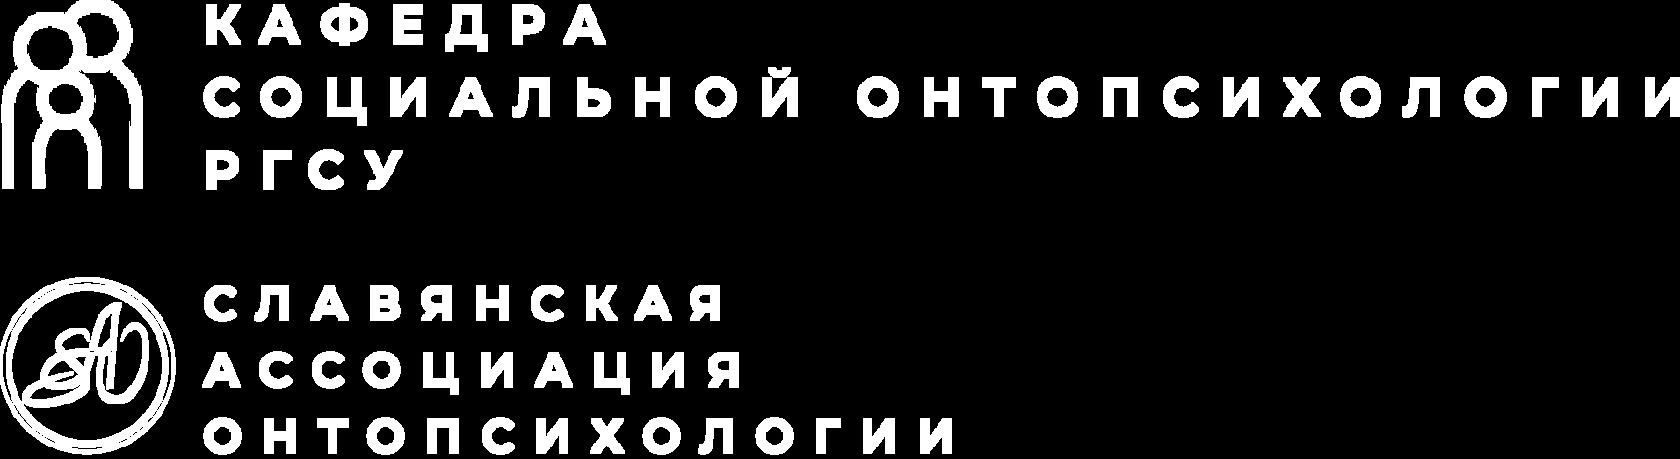 КАФЕДРА СОЦИАЛЬНОЙ ОНТОПСИХОЛОГИИ РГСУ